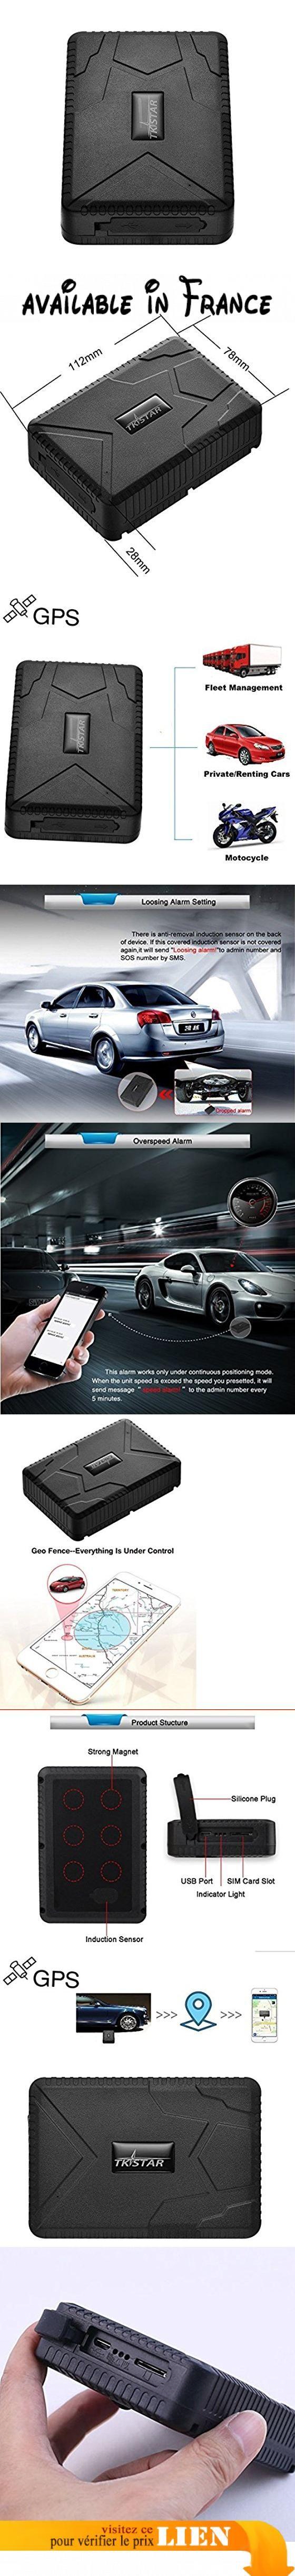 Juneo Tksar GPS Tracker Tk915avec aimant puissant–4mois en veille temps réel tracker Auto–Système de suivi gratuit pour véhicule anti perdu étanche caché Locator. & # x2714; le 2e génération et largement utilisés: suivre l'emplacement des véhicules (location de voiture, camion, moto, camionnette, voiture, etc.). & # x2714; économie d'énergie: un maximum de 120jours de temps de travail avec 10000mAh batterie de fer. Celui-ci est le